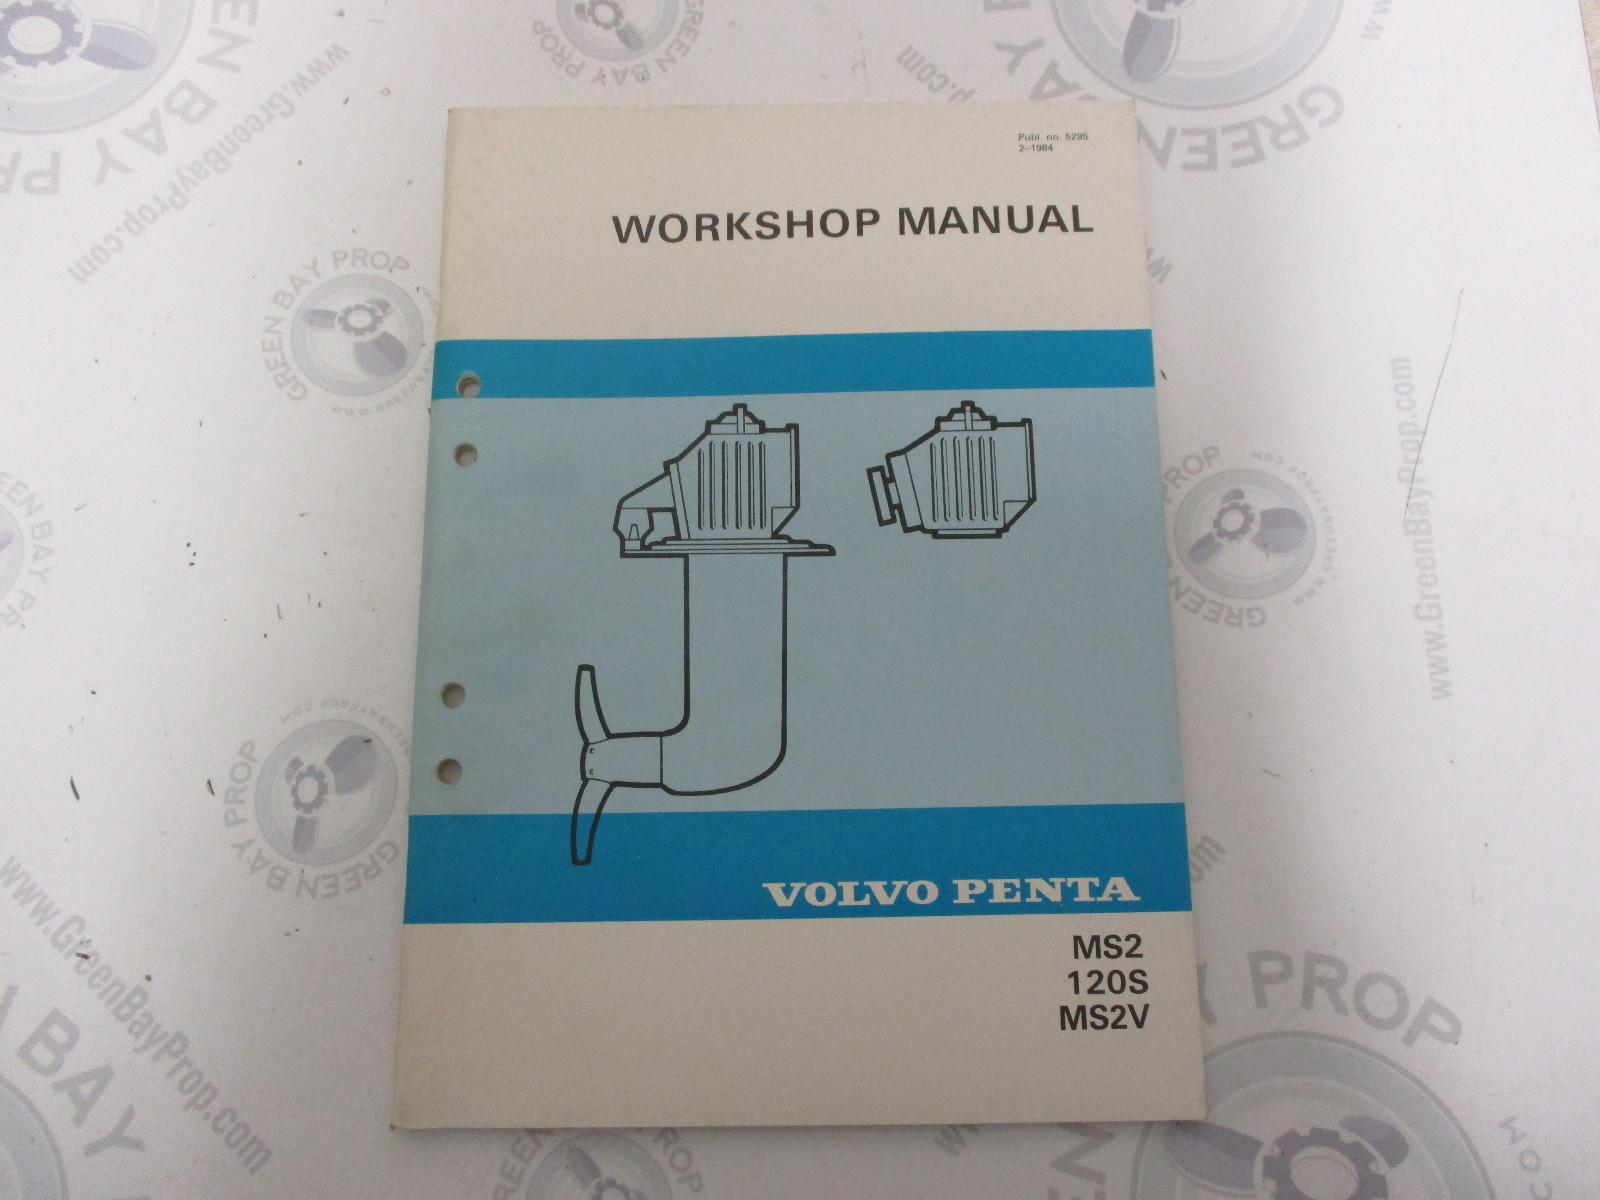 5295 Volvo Penta Service Workshop Manual MS2 120S MS2V 1984 ...